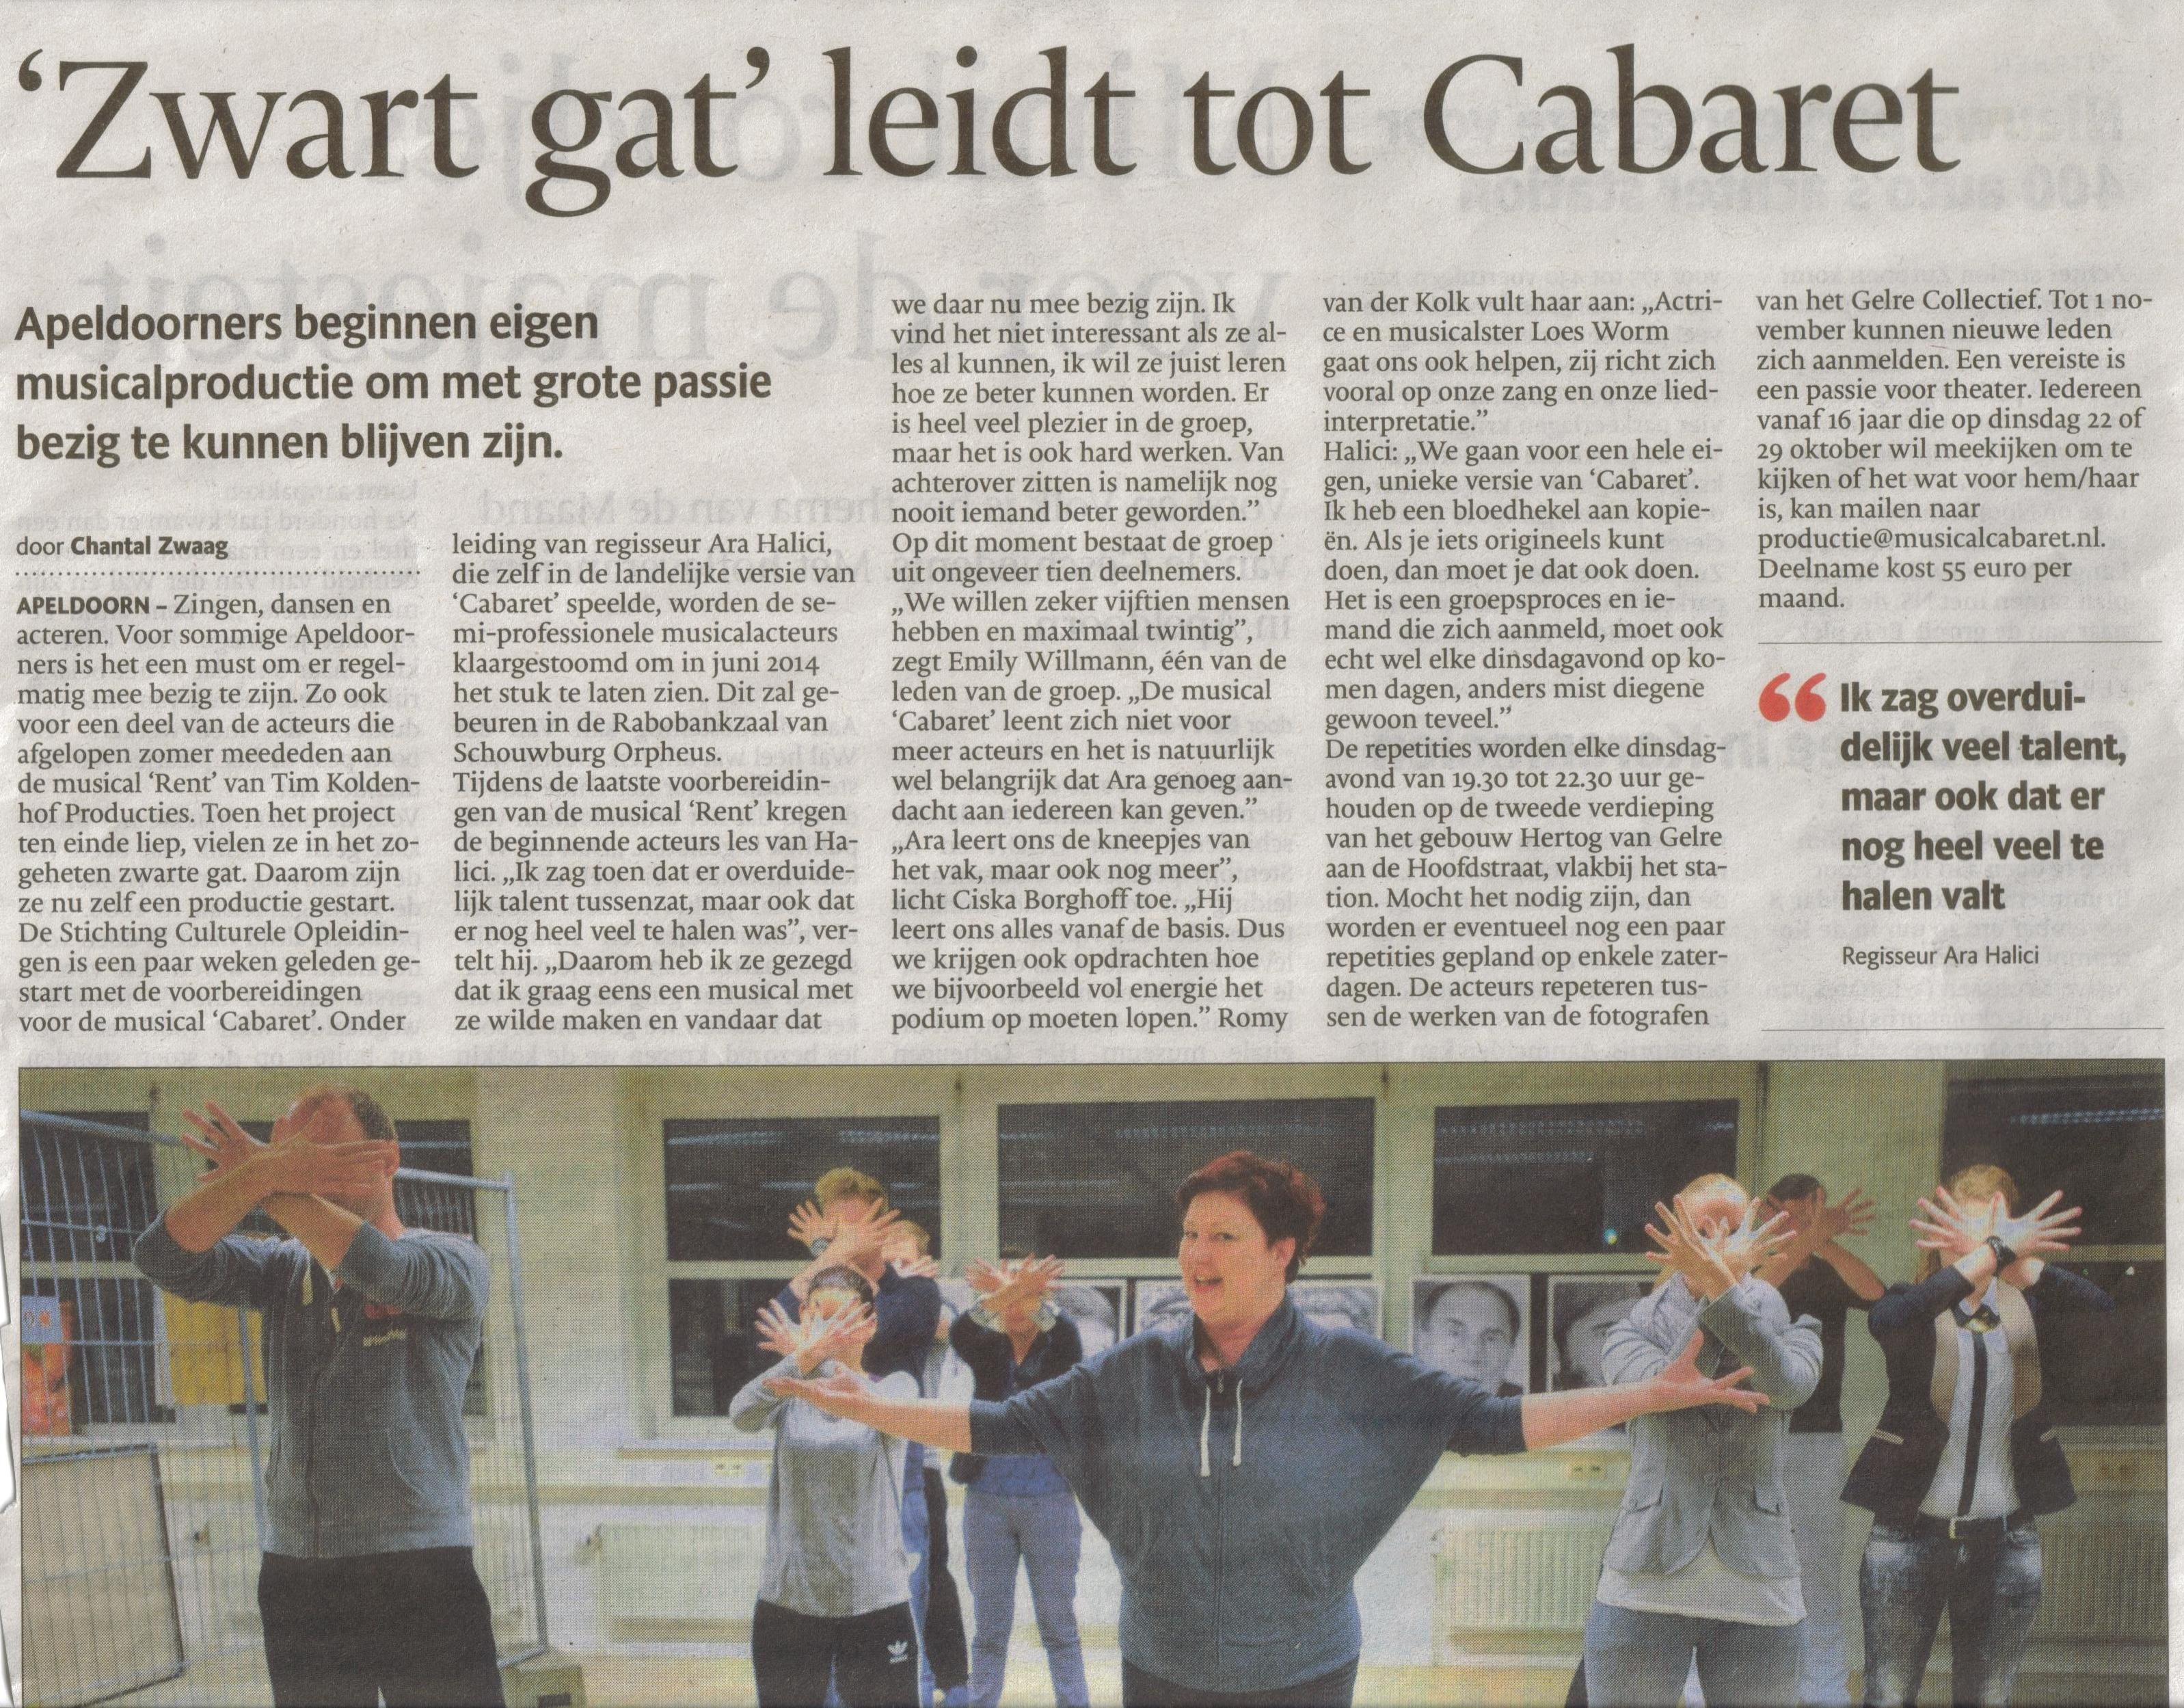 12- cabaret- dinsdag 15 oktober heen- bijzondere productie- publicatiedatum 22 oktober 2013